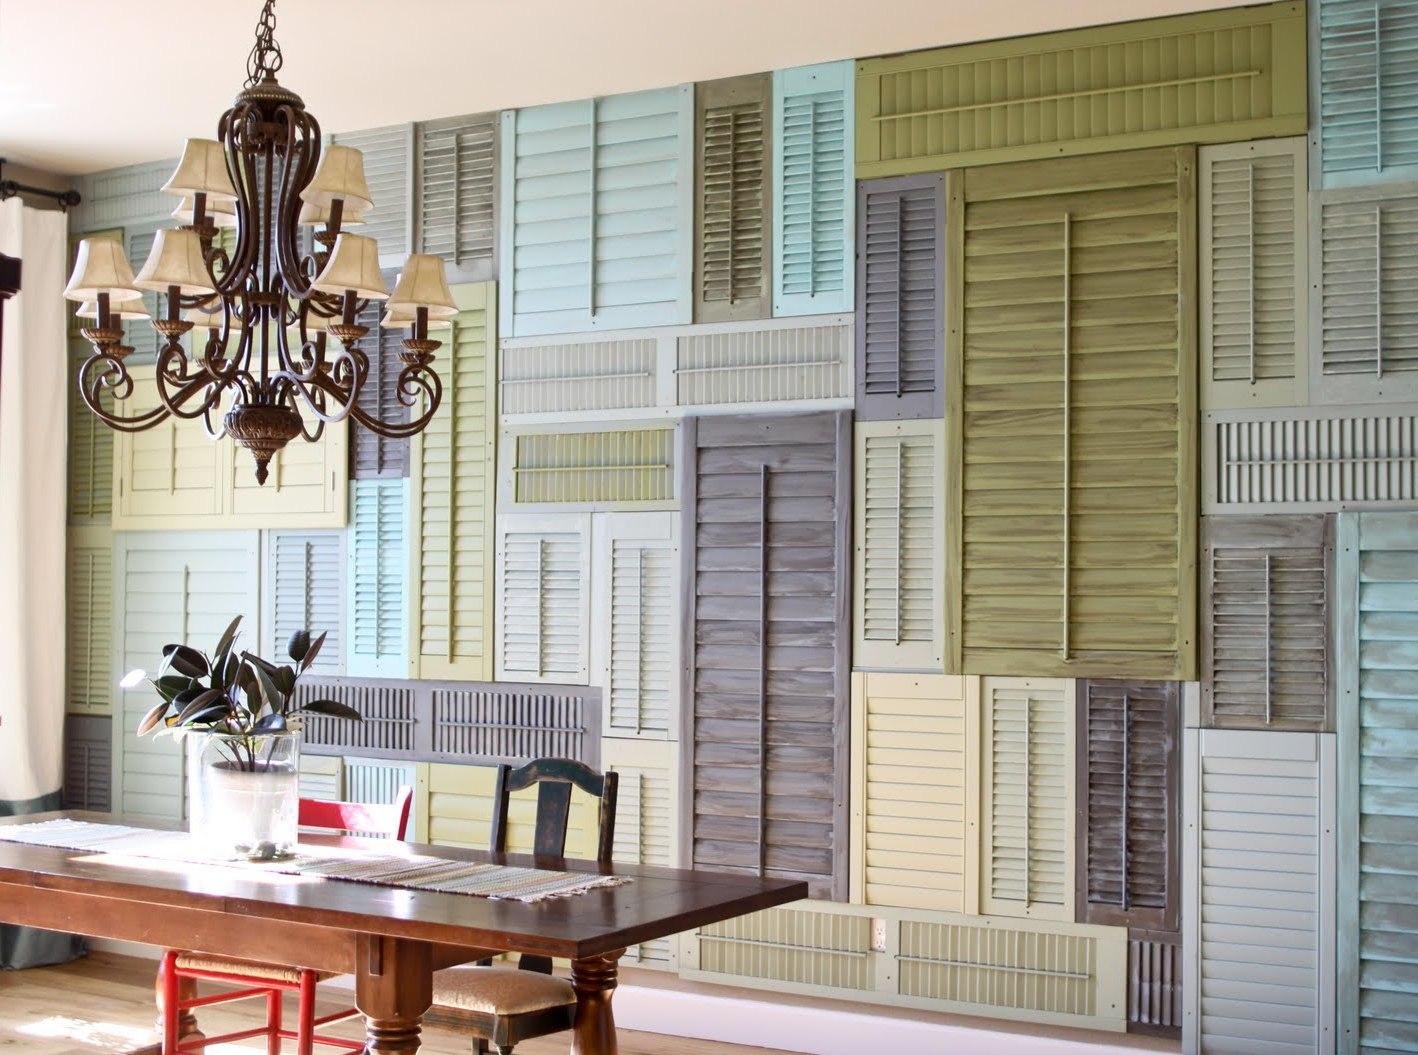 Ausgefallene Gartendeko Selber Machen Einzigartig Ideen Für Wandgestaltung Coole Wanddeko Selber Machen